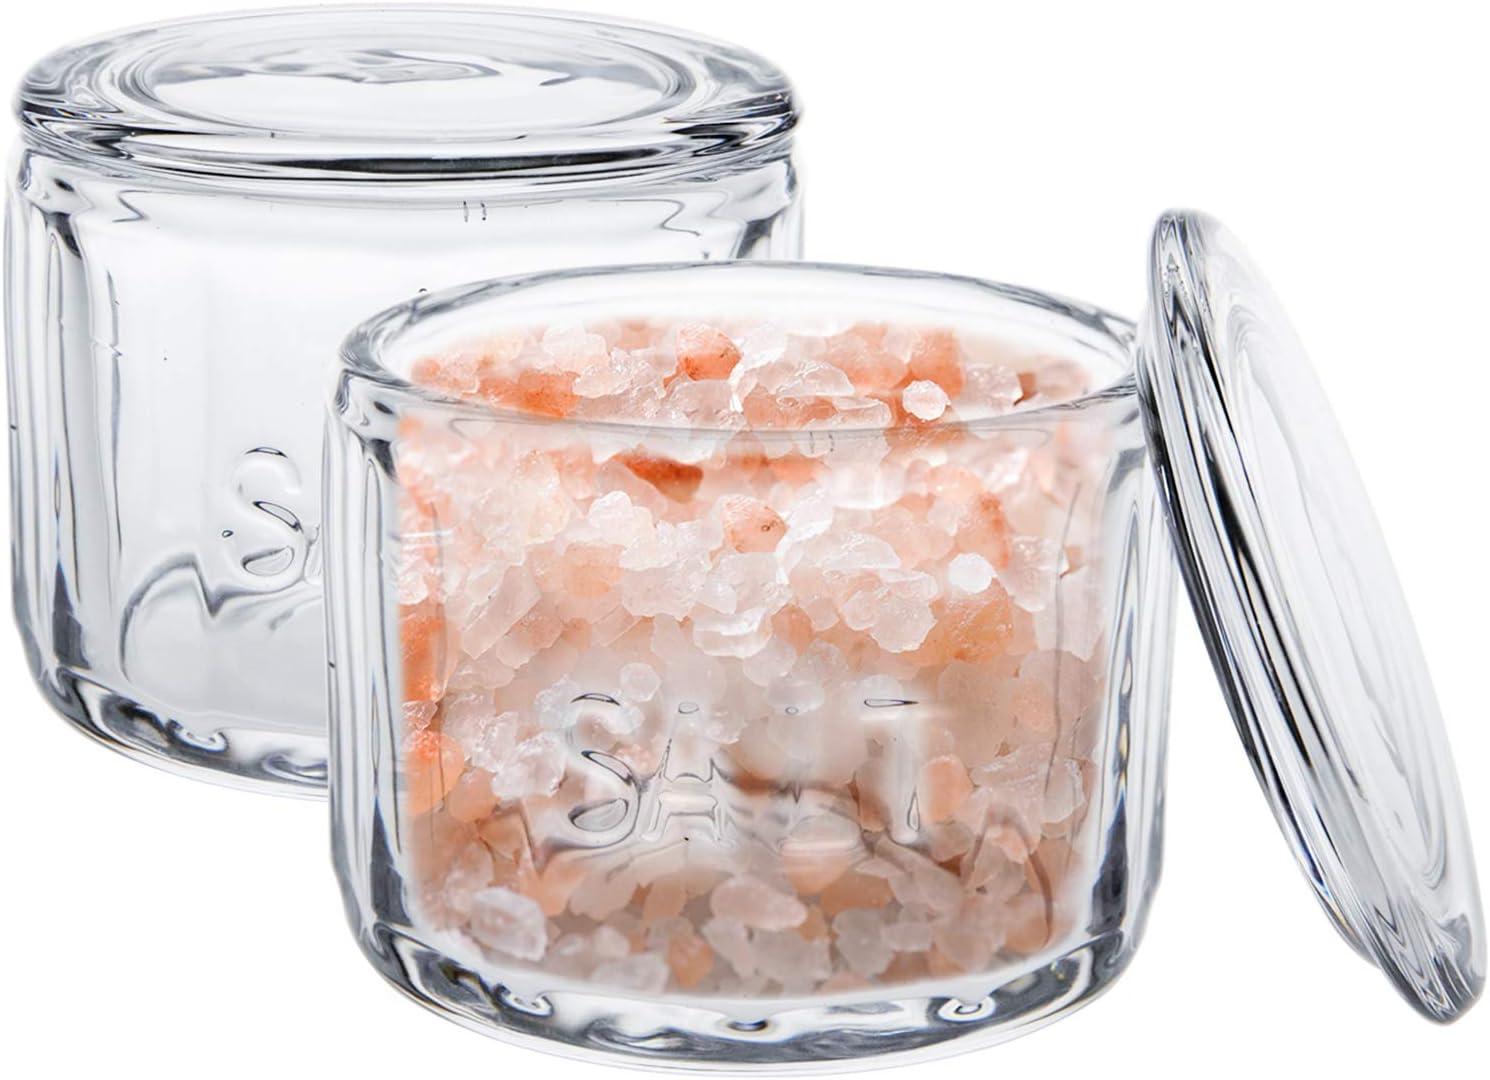 """Nicunom 2 Pack Clear Glass Salt Cellar with Lid, Salt Storage Container Salt Box, Retro Style, Kitchen Decor, Wedding Gift, 3.75""""D x 3.15""""H"""